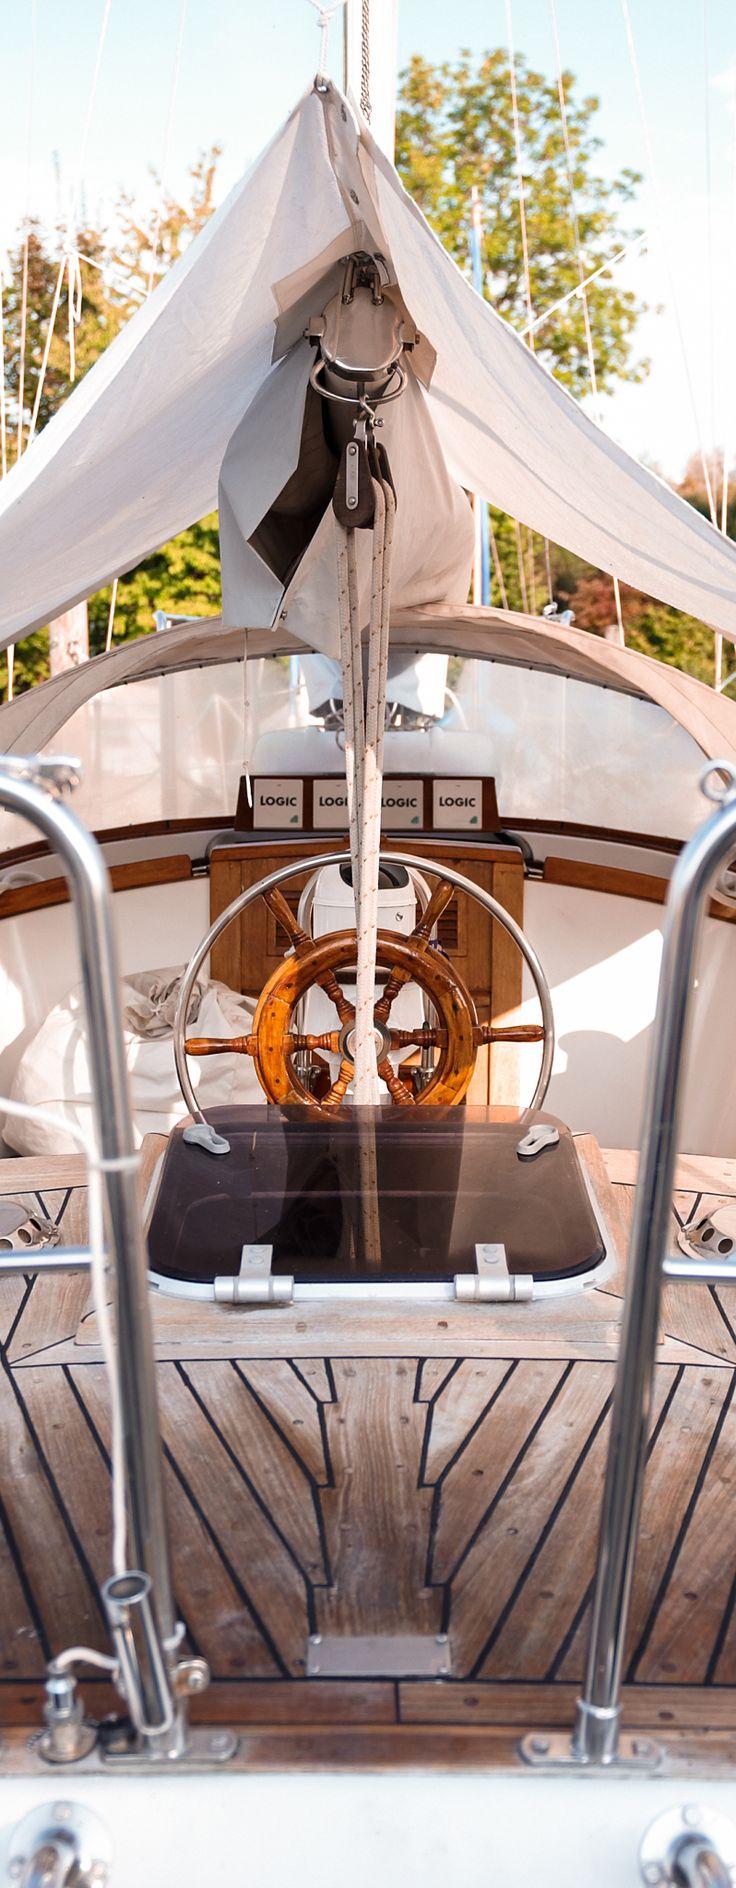 BMK Yachthafen Langenargen #BMK #yachthafen #bodensee #yacht #see #sailing